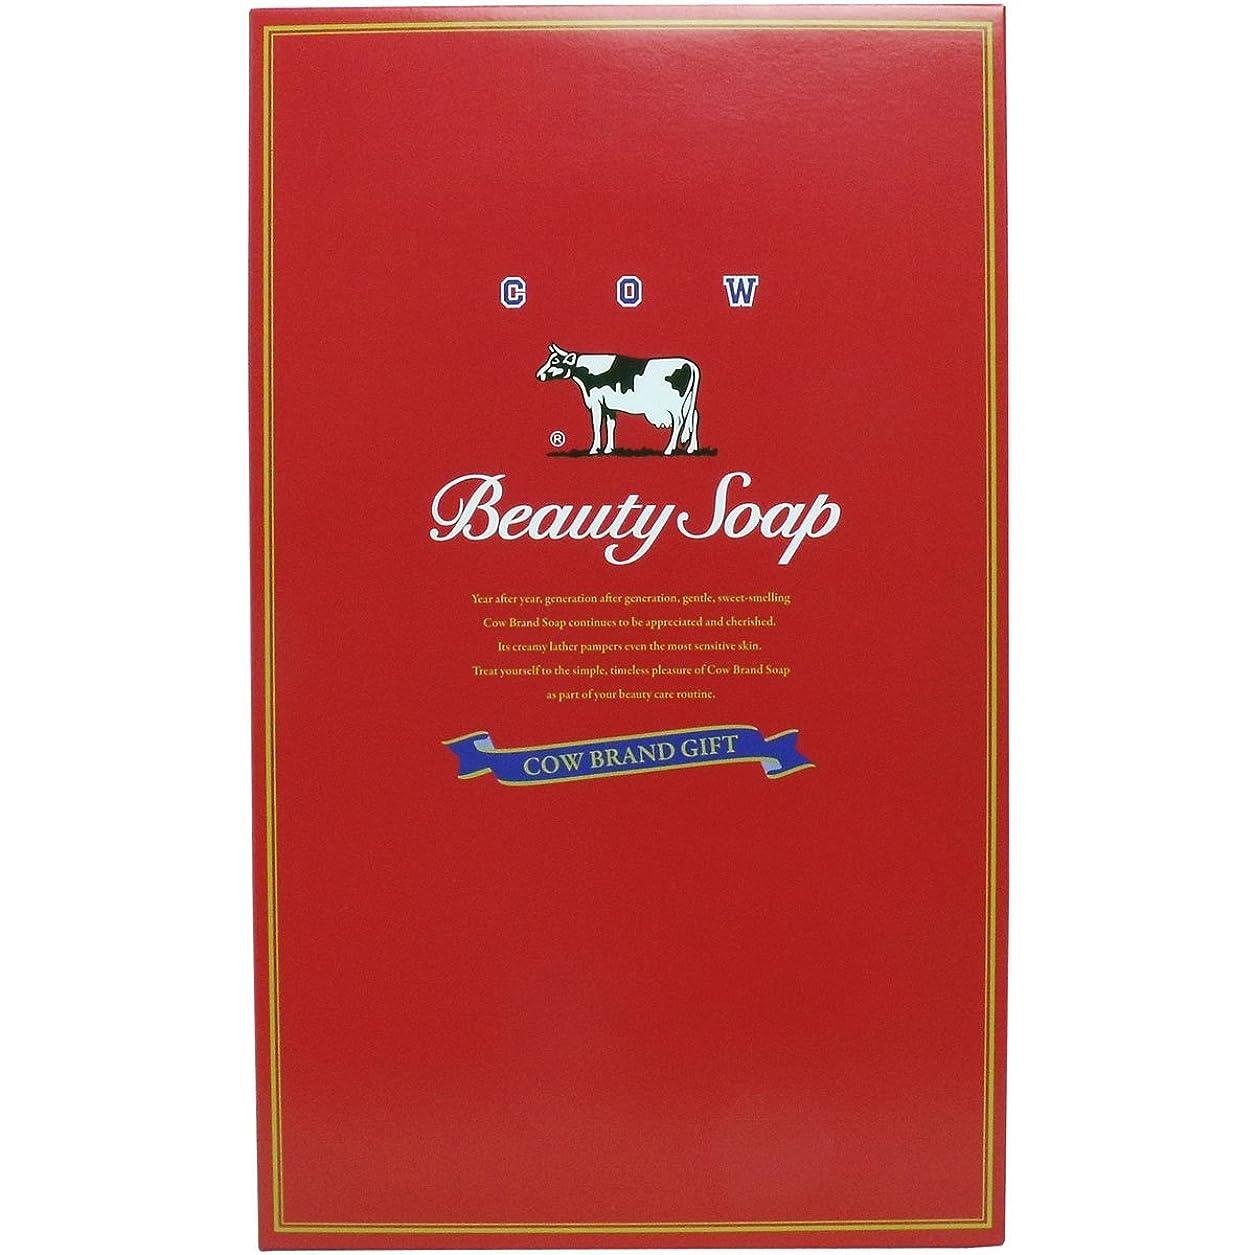 中止しますリクルートアトラス牛乳石鹸共進社 カウブランド石鹸 赤箱 100g×10個×16箱